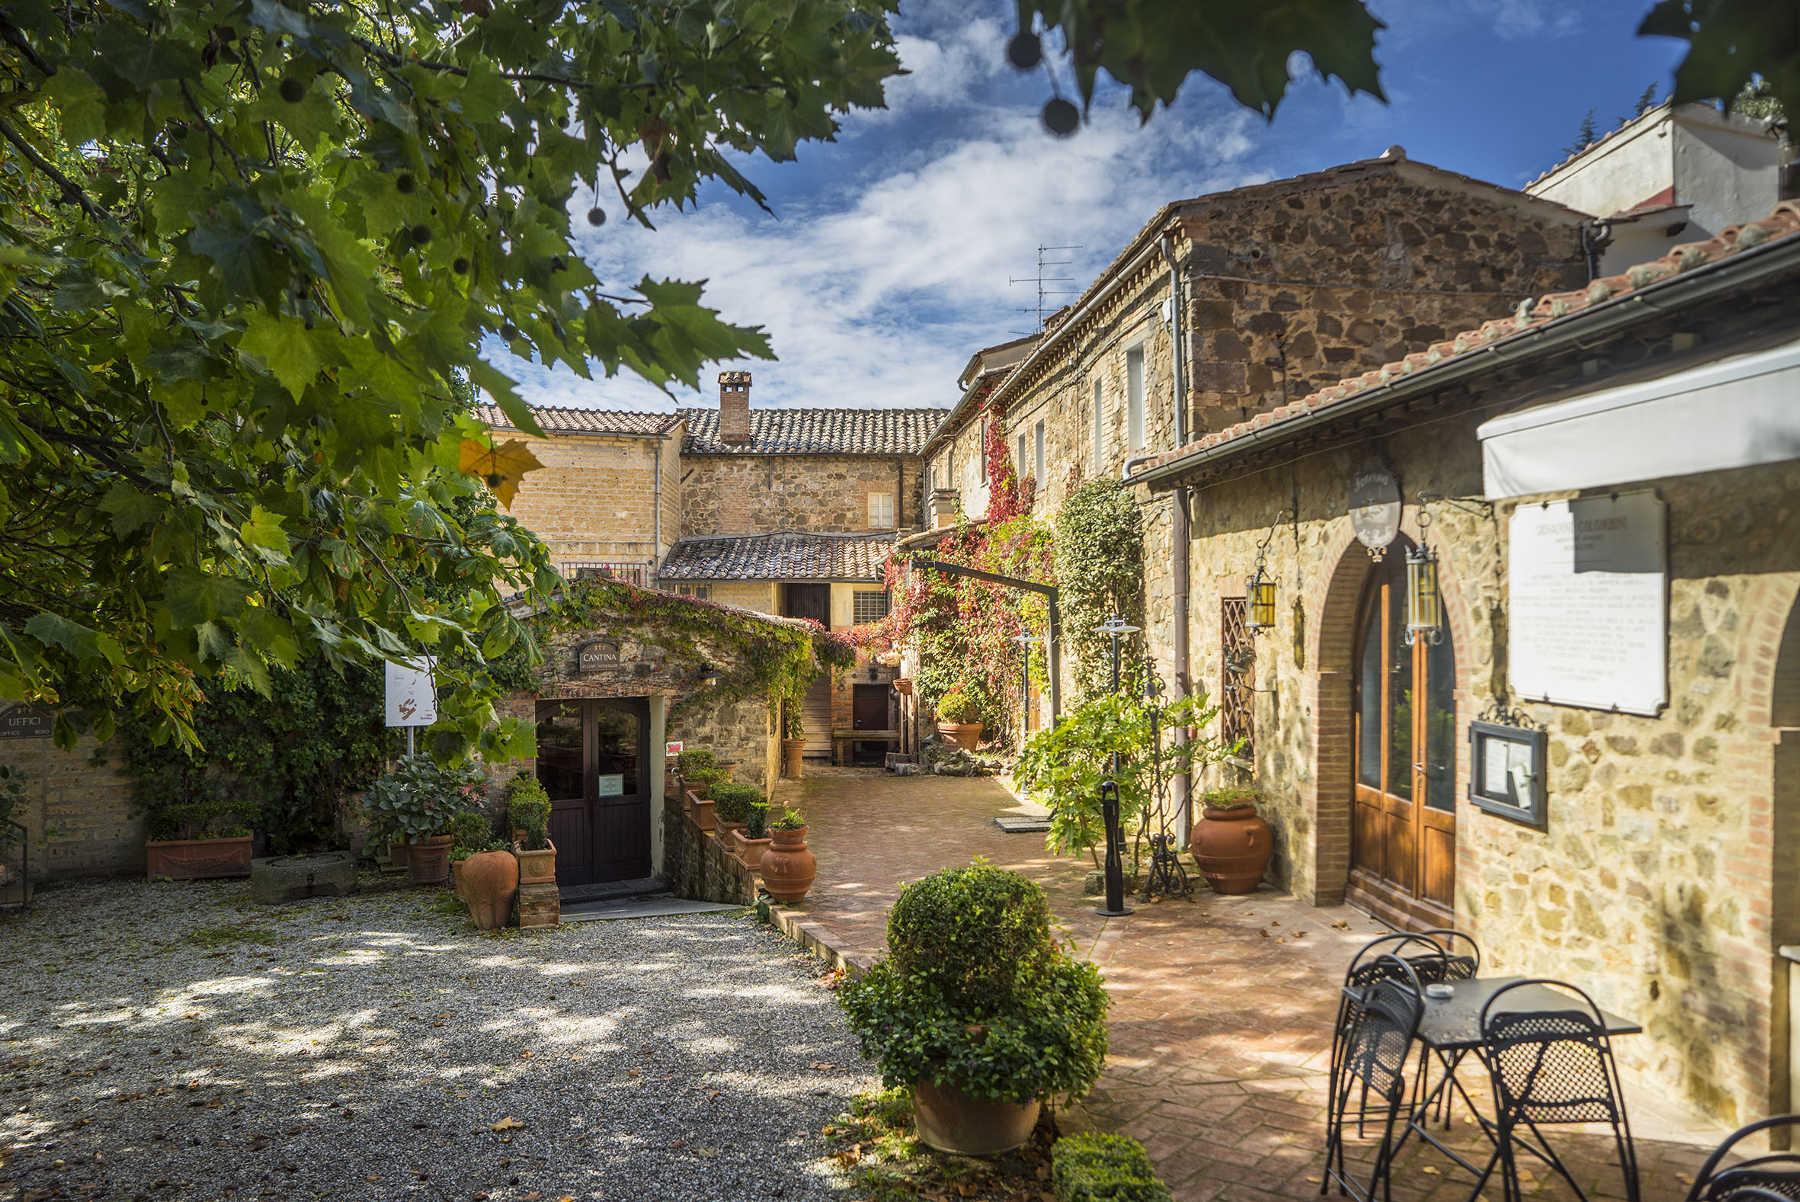 Antico Pellegrinaggio di Montalcino